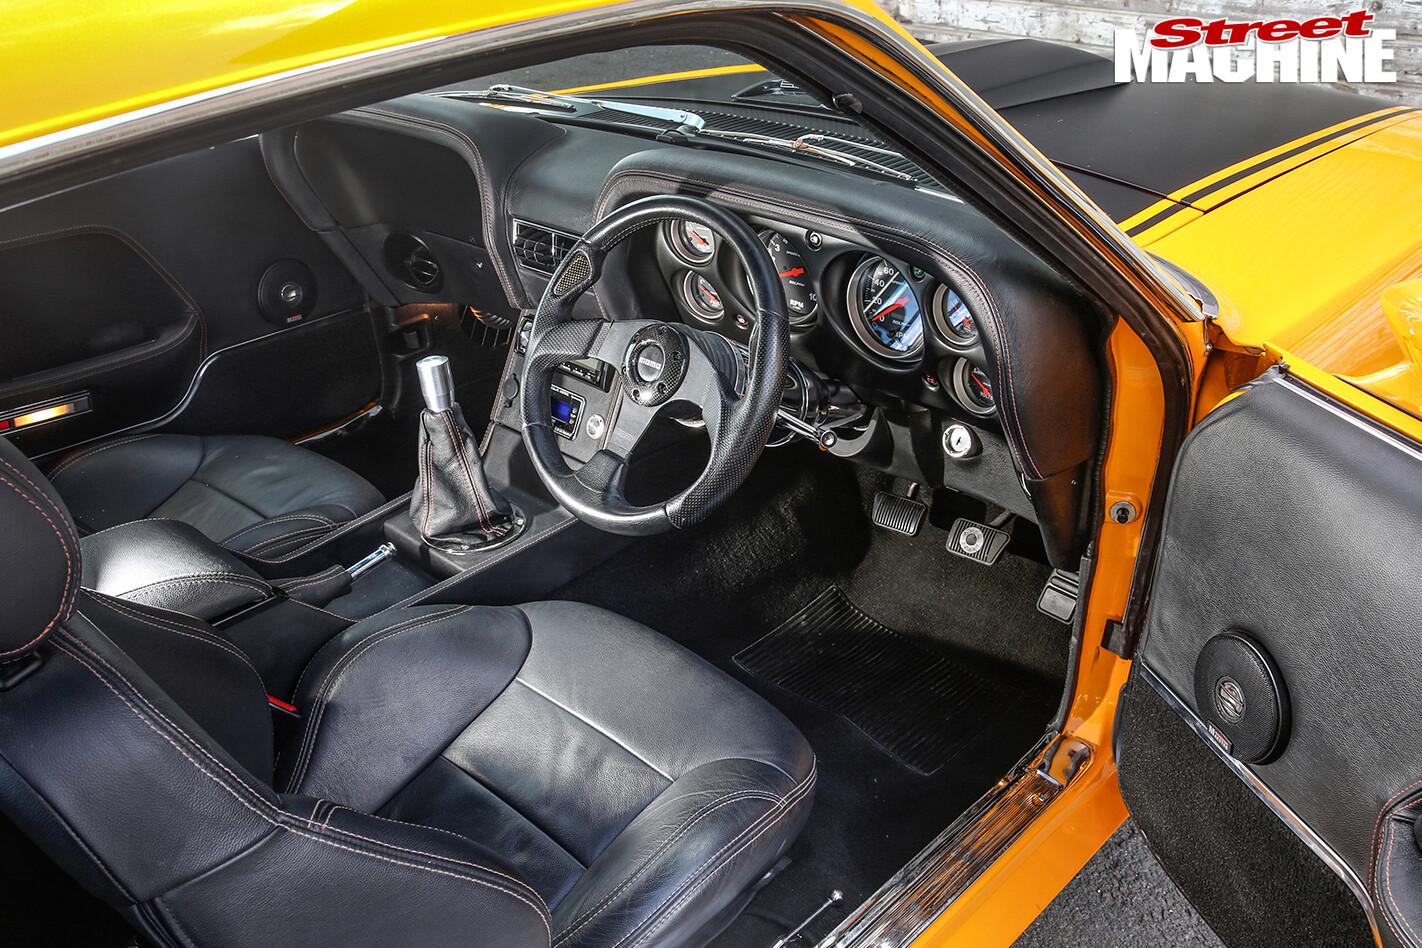 Ford -Mustang -BOSS-interior